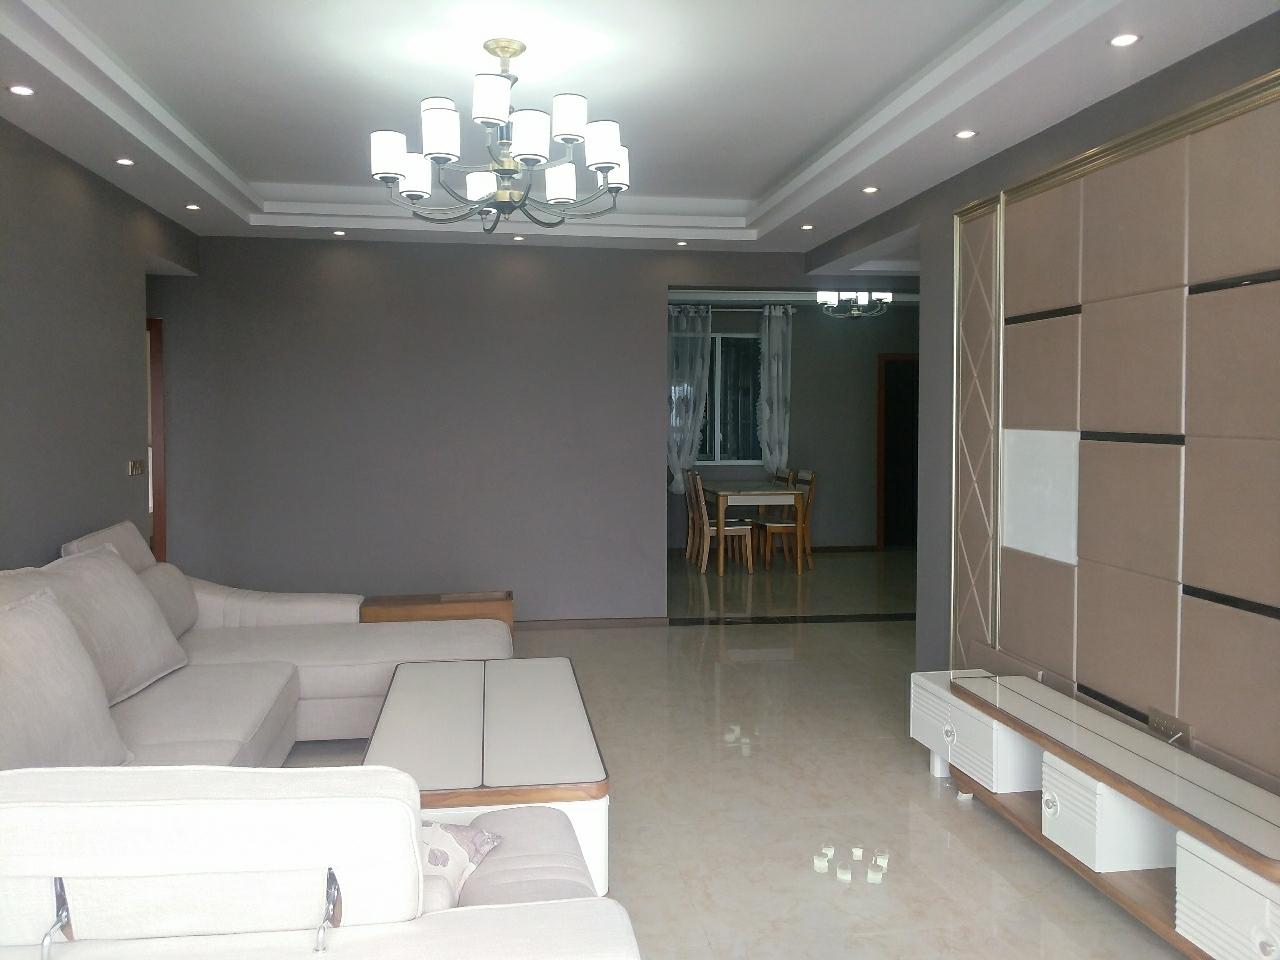 张家沟电梯公寓精装3室2厅2卫18楼130平69万